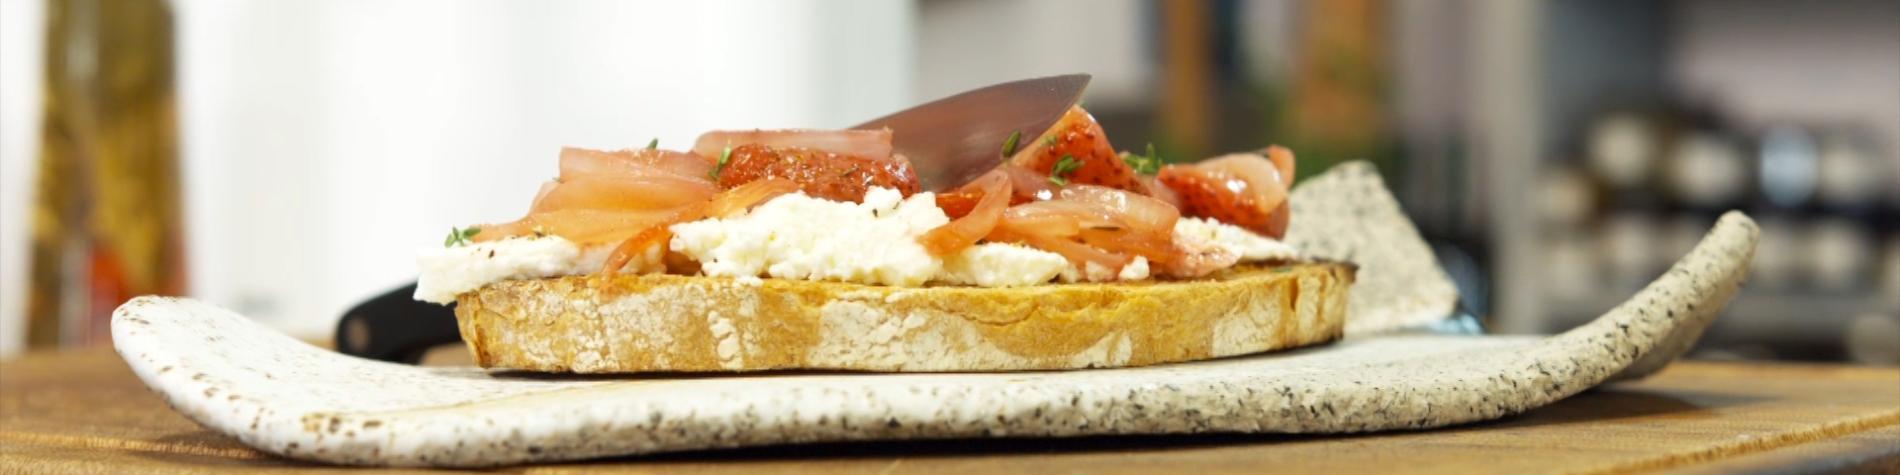 Recettes - cuisine - Julien Lapraille - toast - fraises - gerpinnes